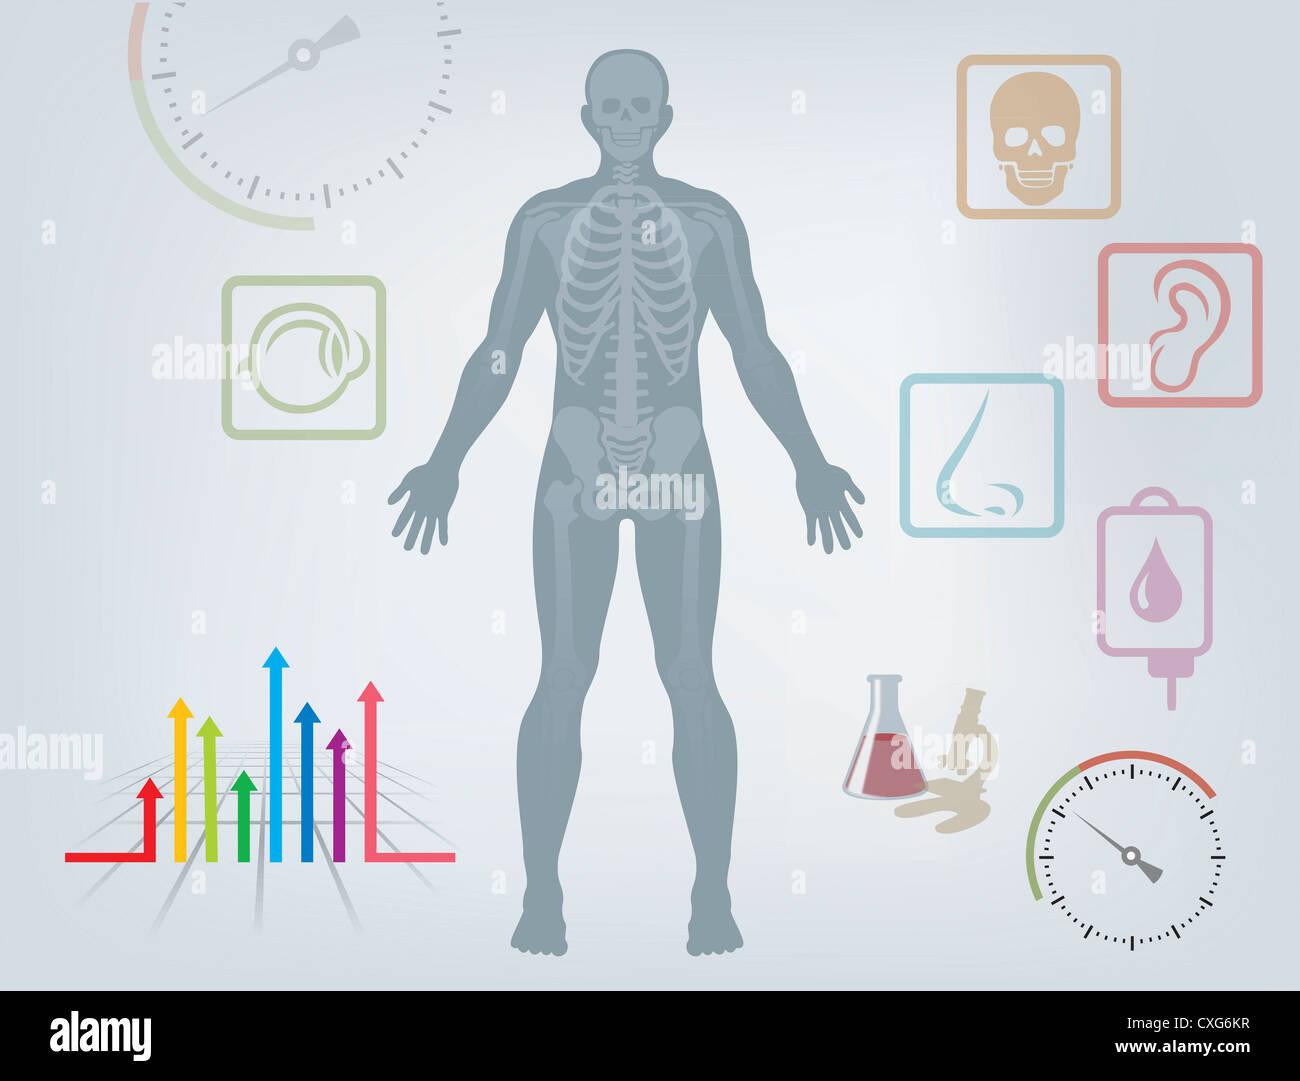 Charmant Teile Des Körpers Diagramm Ideen - Menschliche Anatomie ...